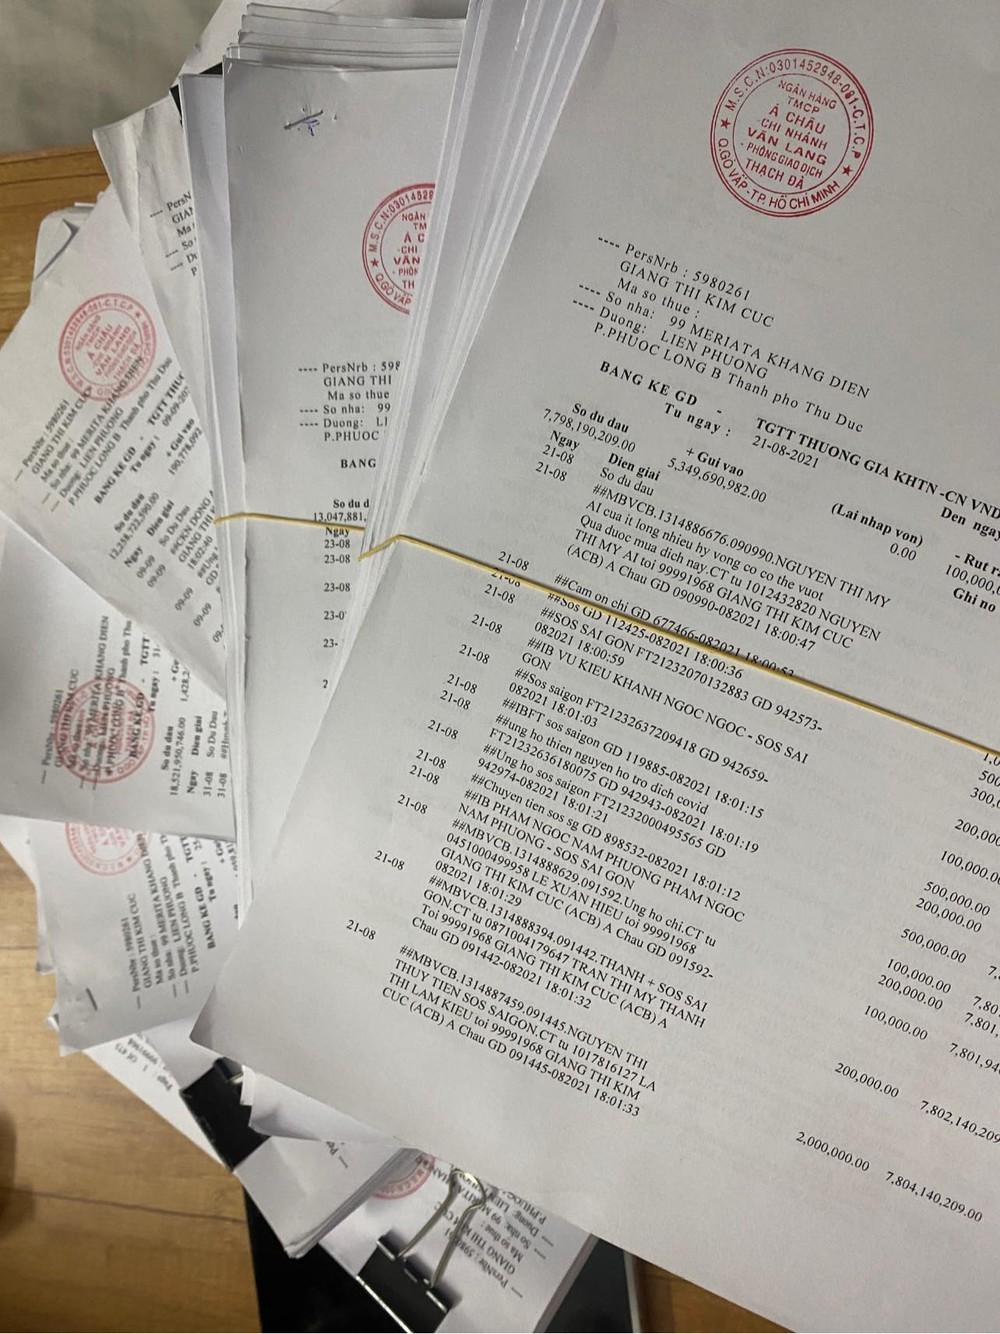 Giang Kim Cúc công bố sao kê tốn hơn 2,5 triệu tiền giấy in: Minh bạch tài chính không hề khó, mong mọi người mở lòng bao dung - Ảnh 1.